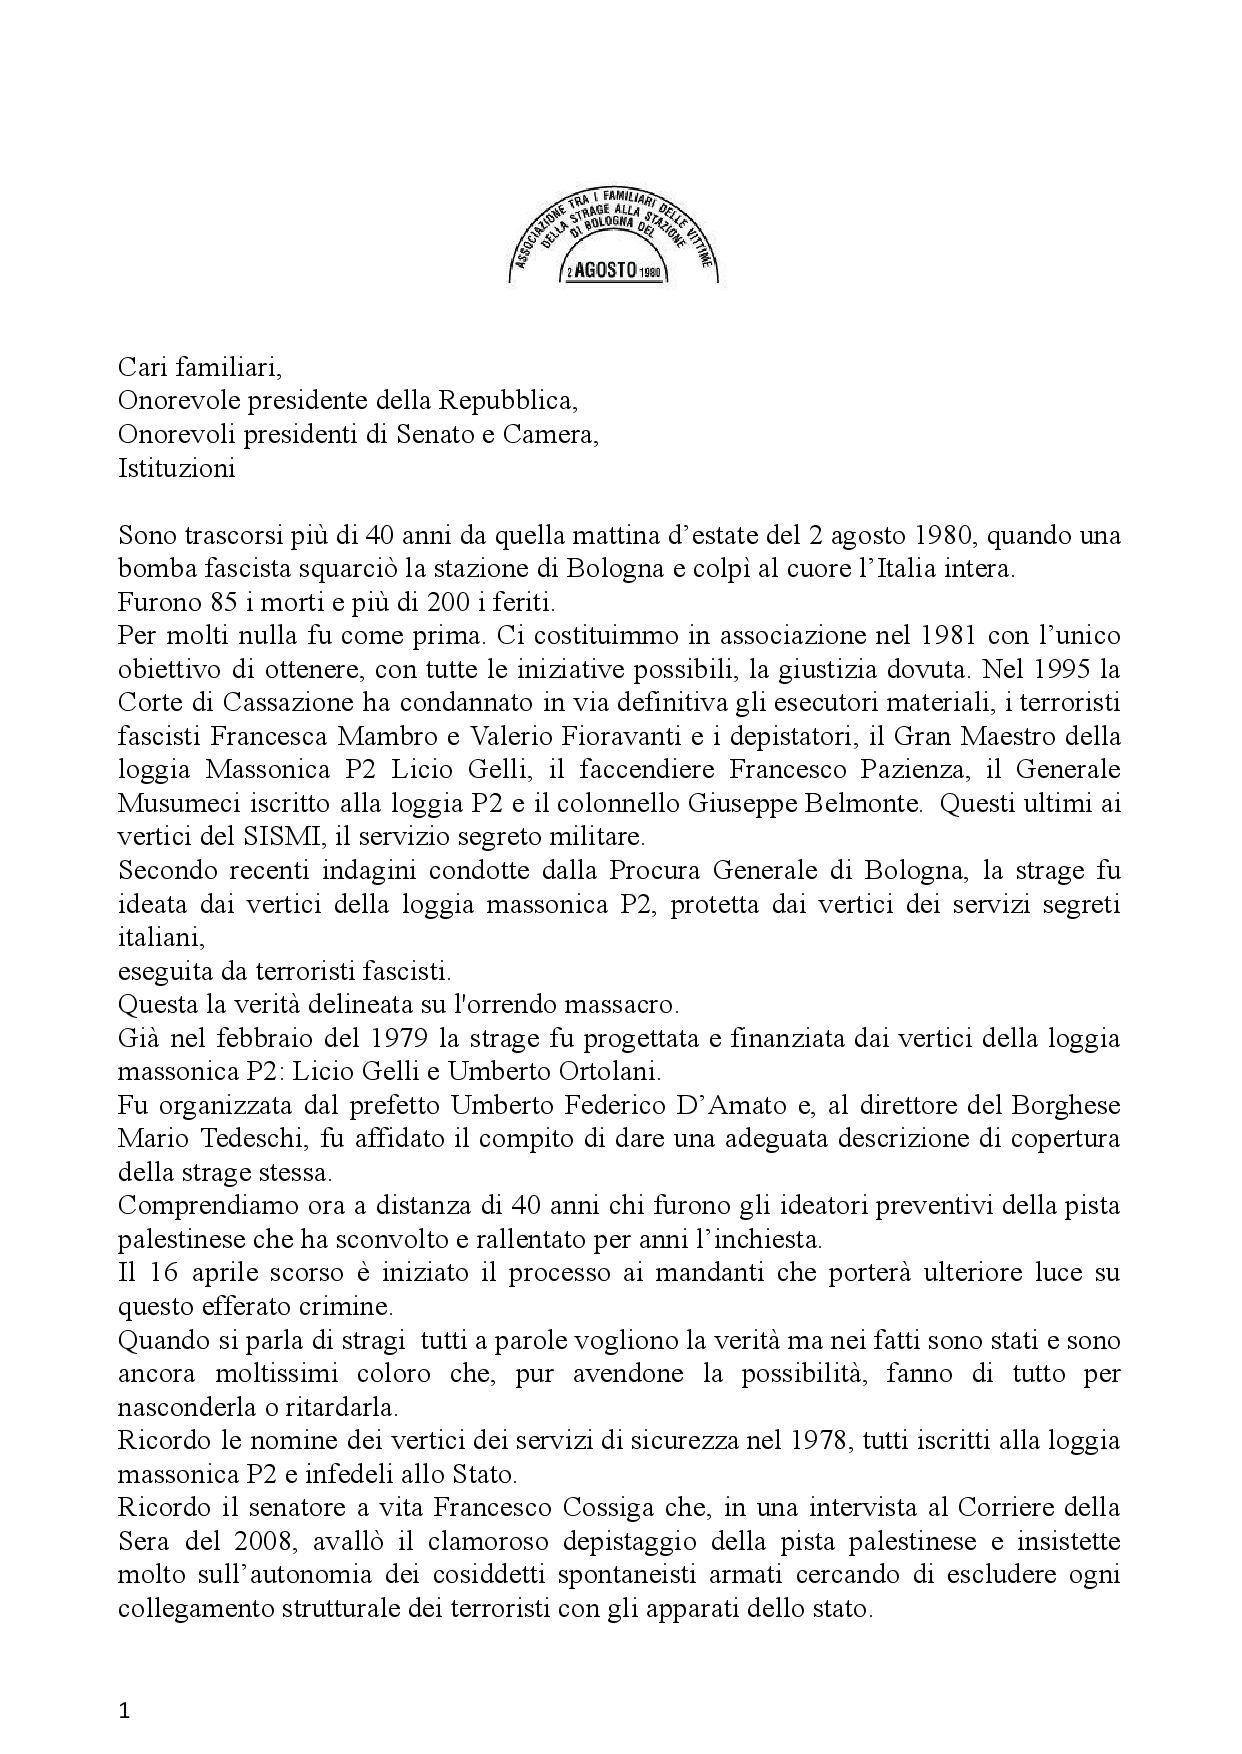 DISCORSO 9 MAGGIO GIORN DELLA MEMORIA 2021 (2)-page-001